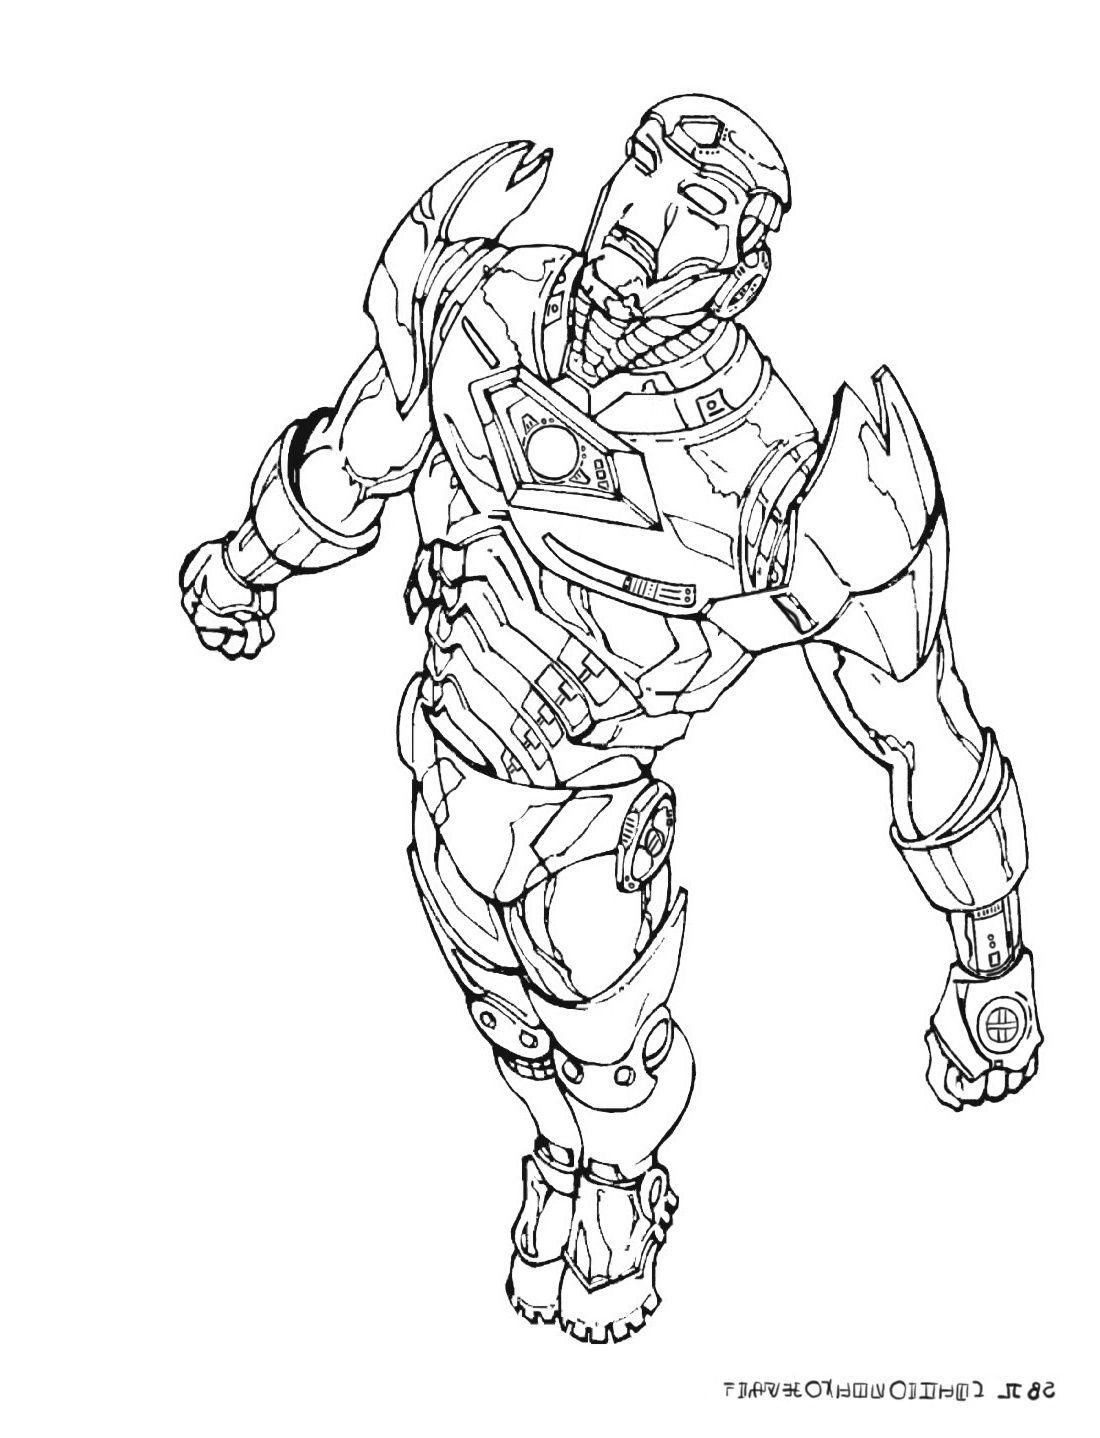 9 Nouveau De Dessin Avengers Image Coloriage Image Coloriage Dessin